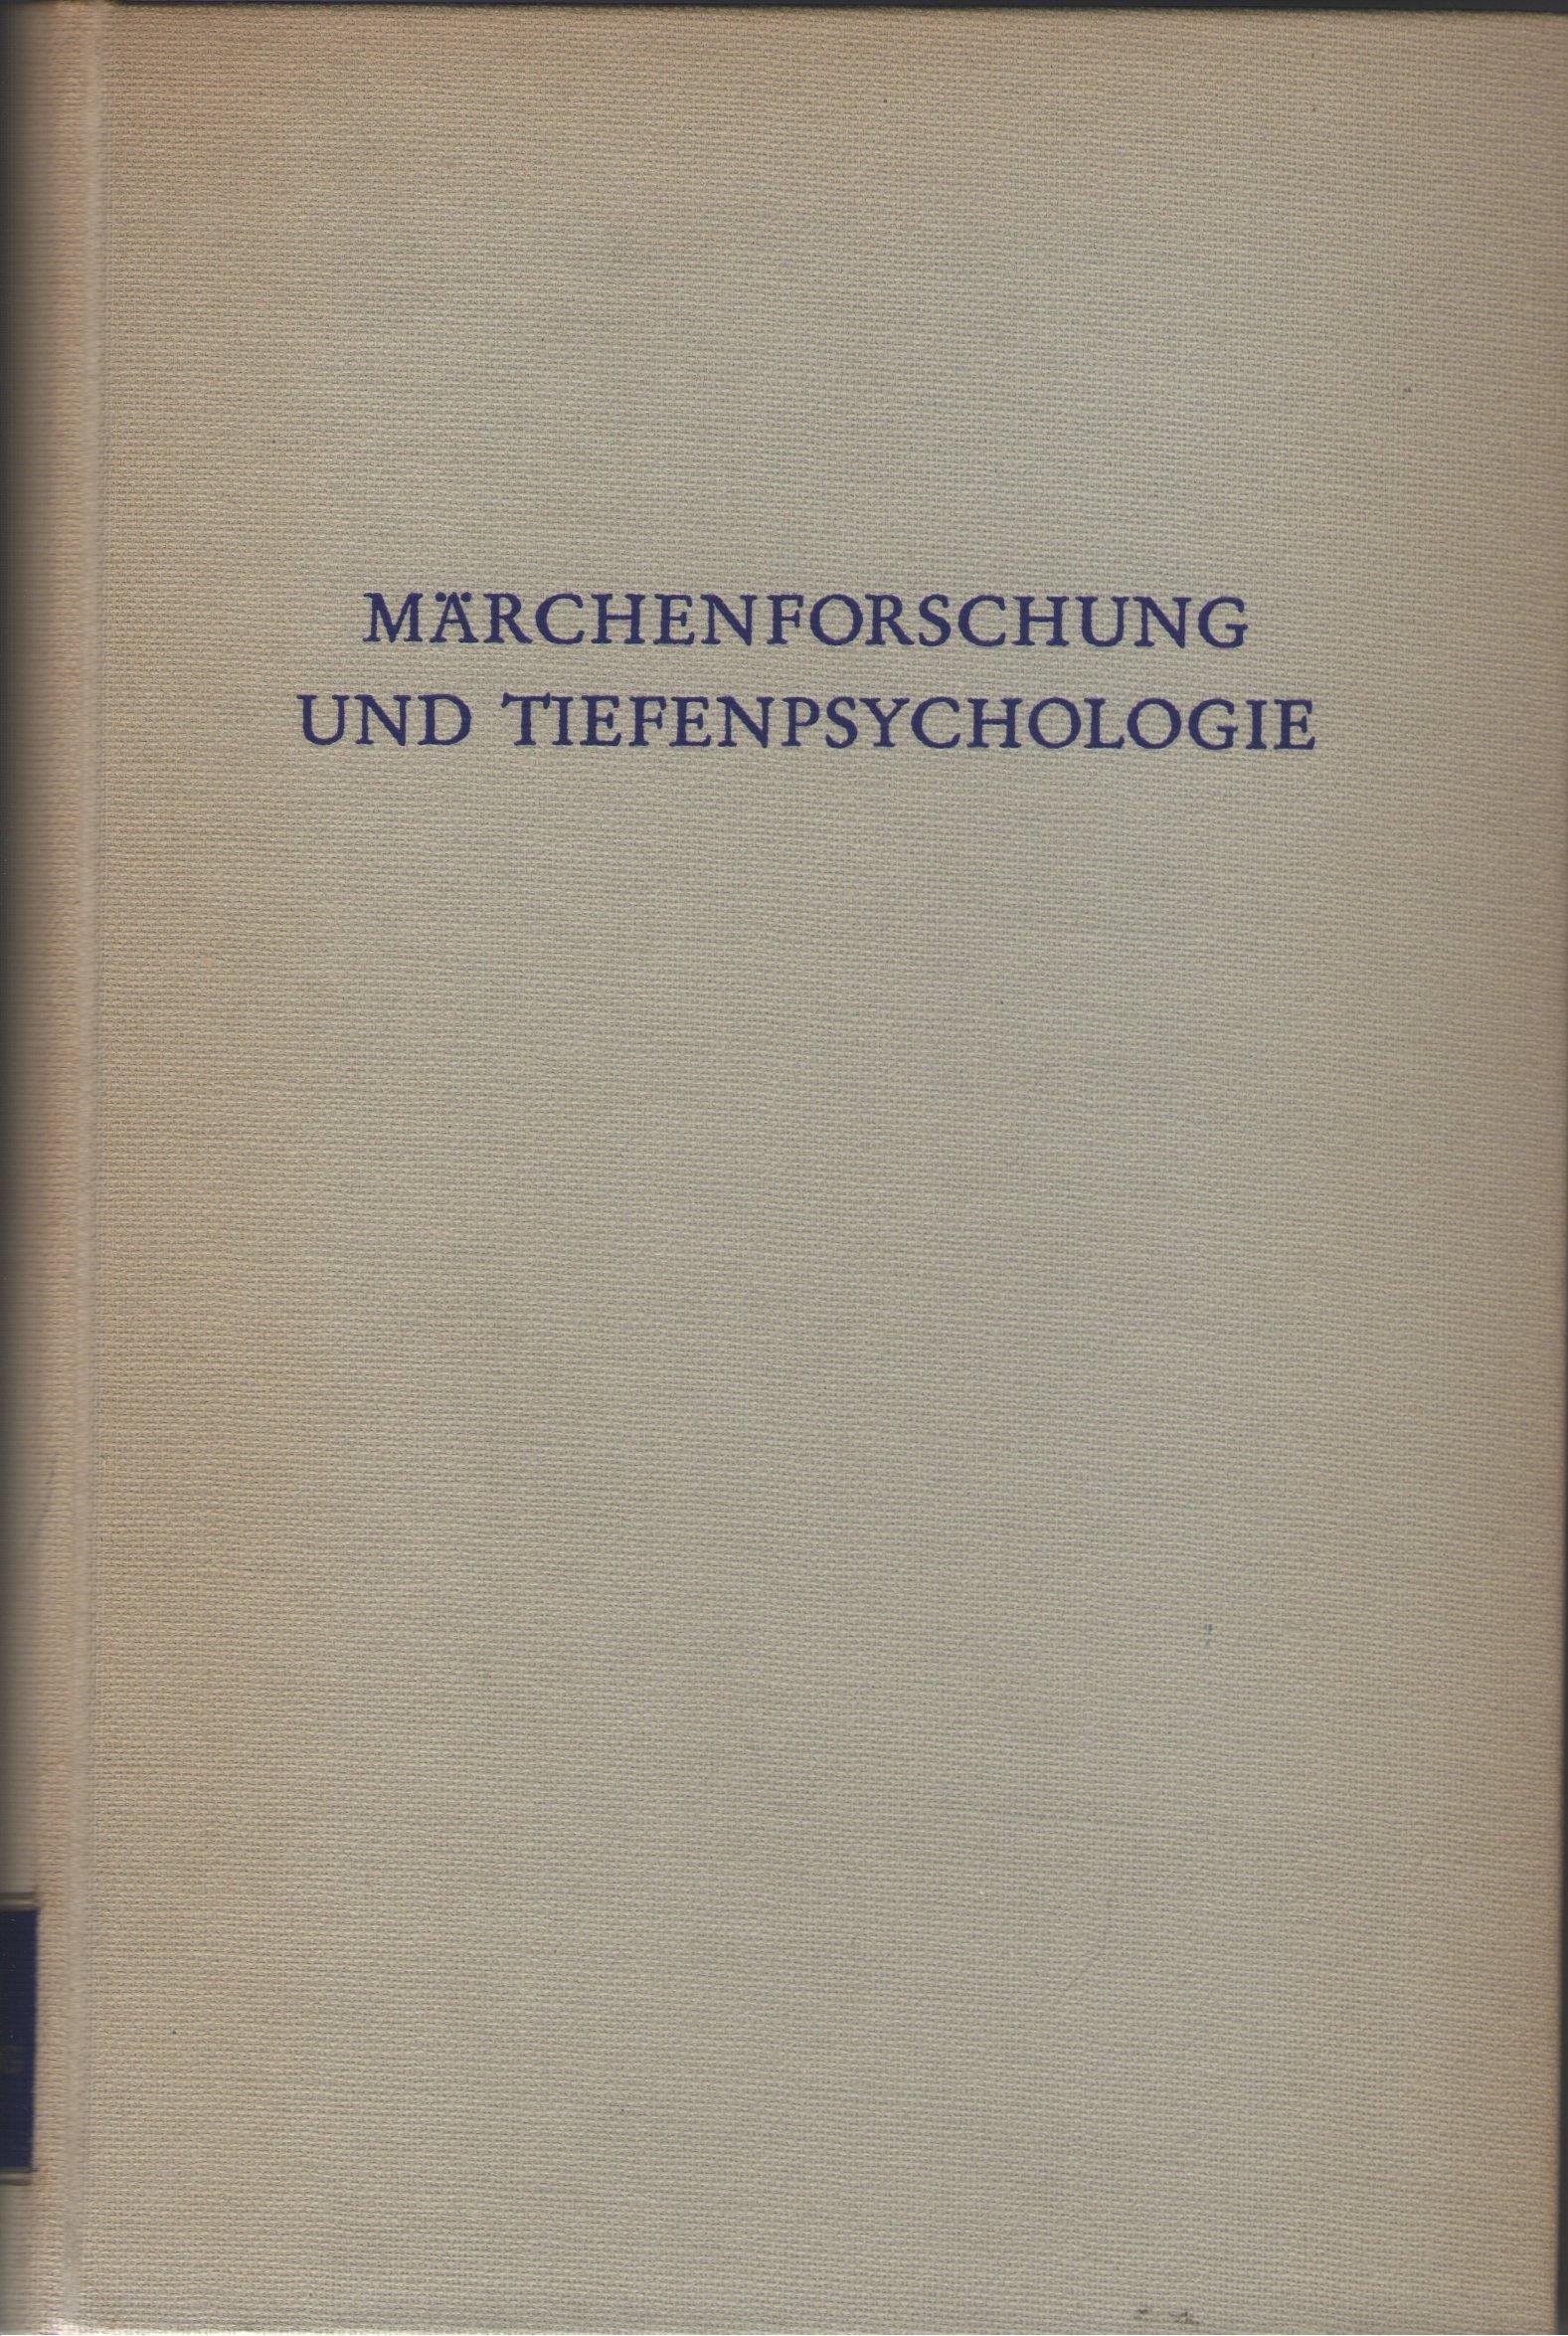 Märchenforschung und Tiefenpsychologie.